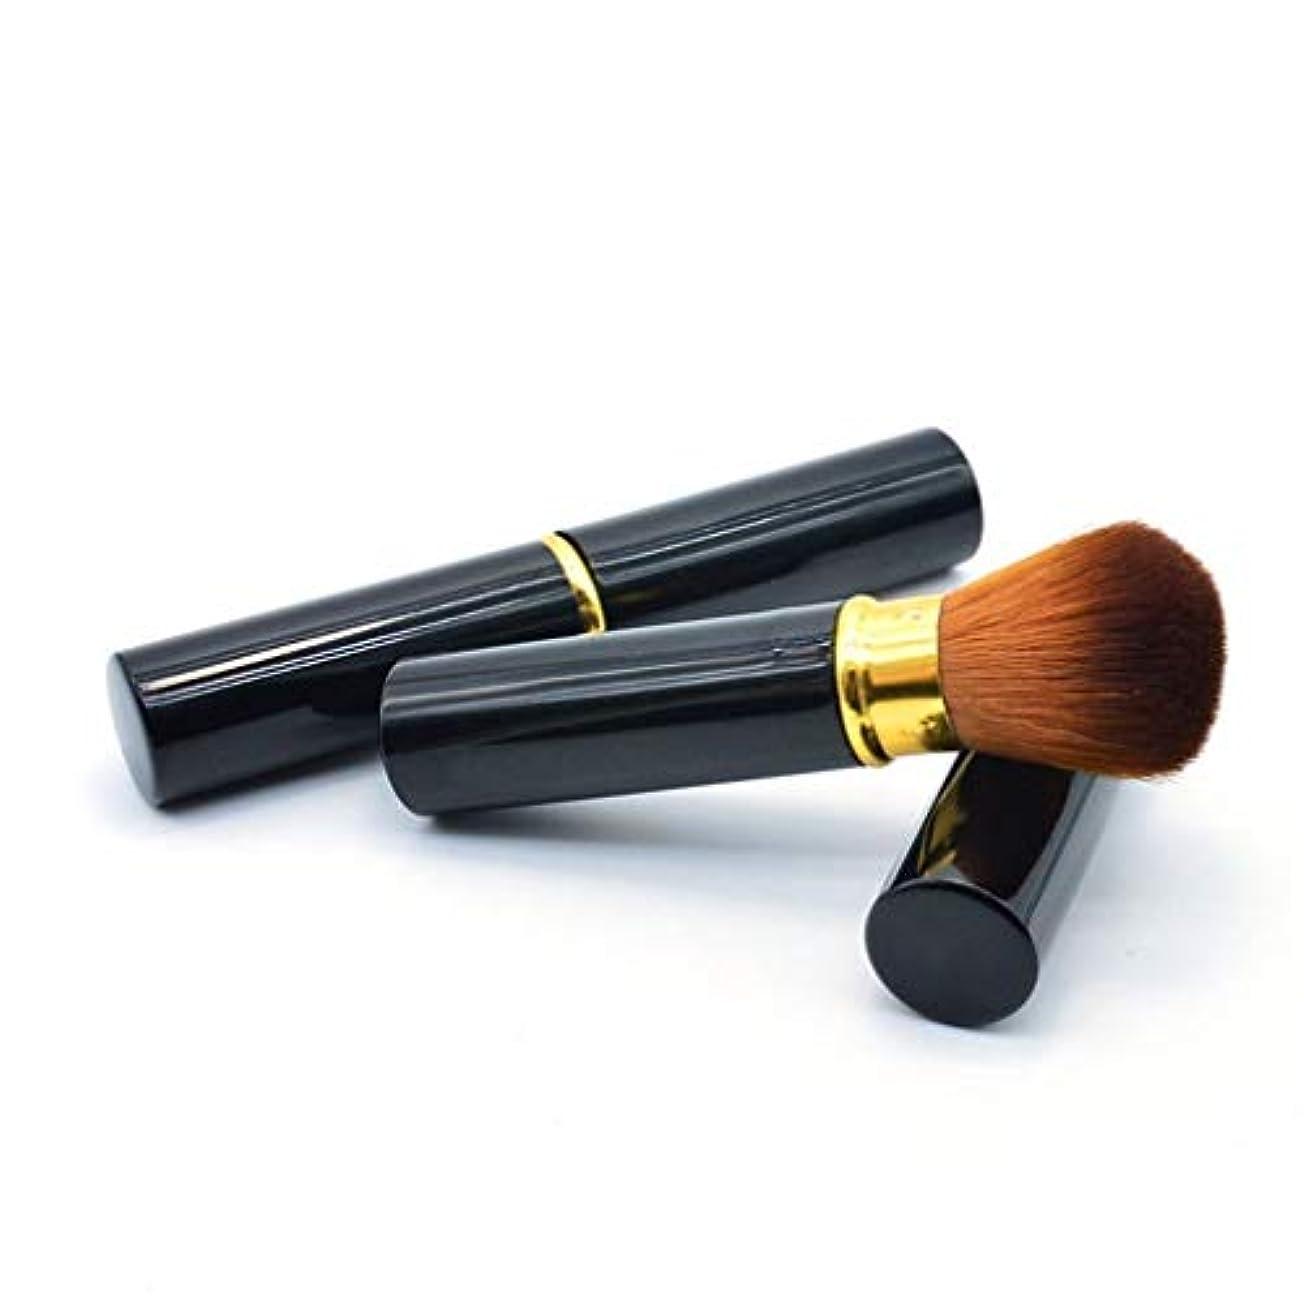 トロリーバス香り辞任メイクアップブラシファンデーションメイクアップリキッド、クリーム、または完璧なパウダー化粧品 - バフ、点描、コンシーラー - 上質な合成稠密剛毛